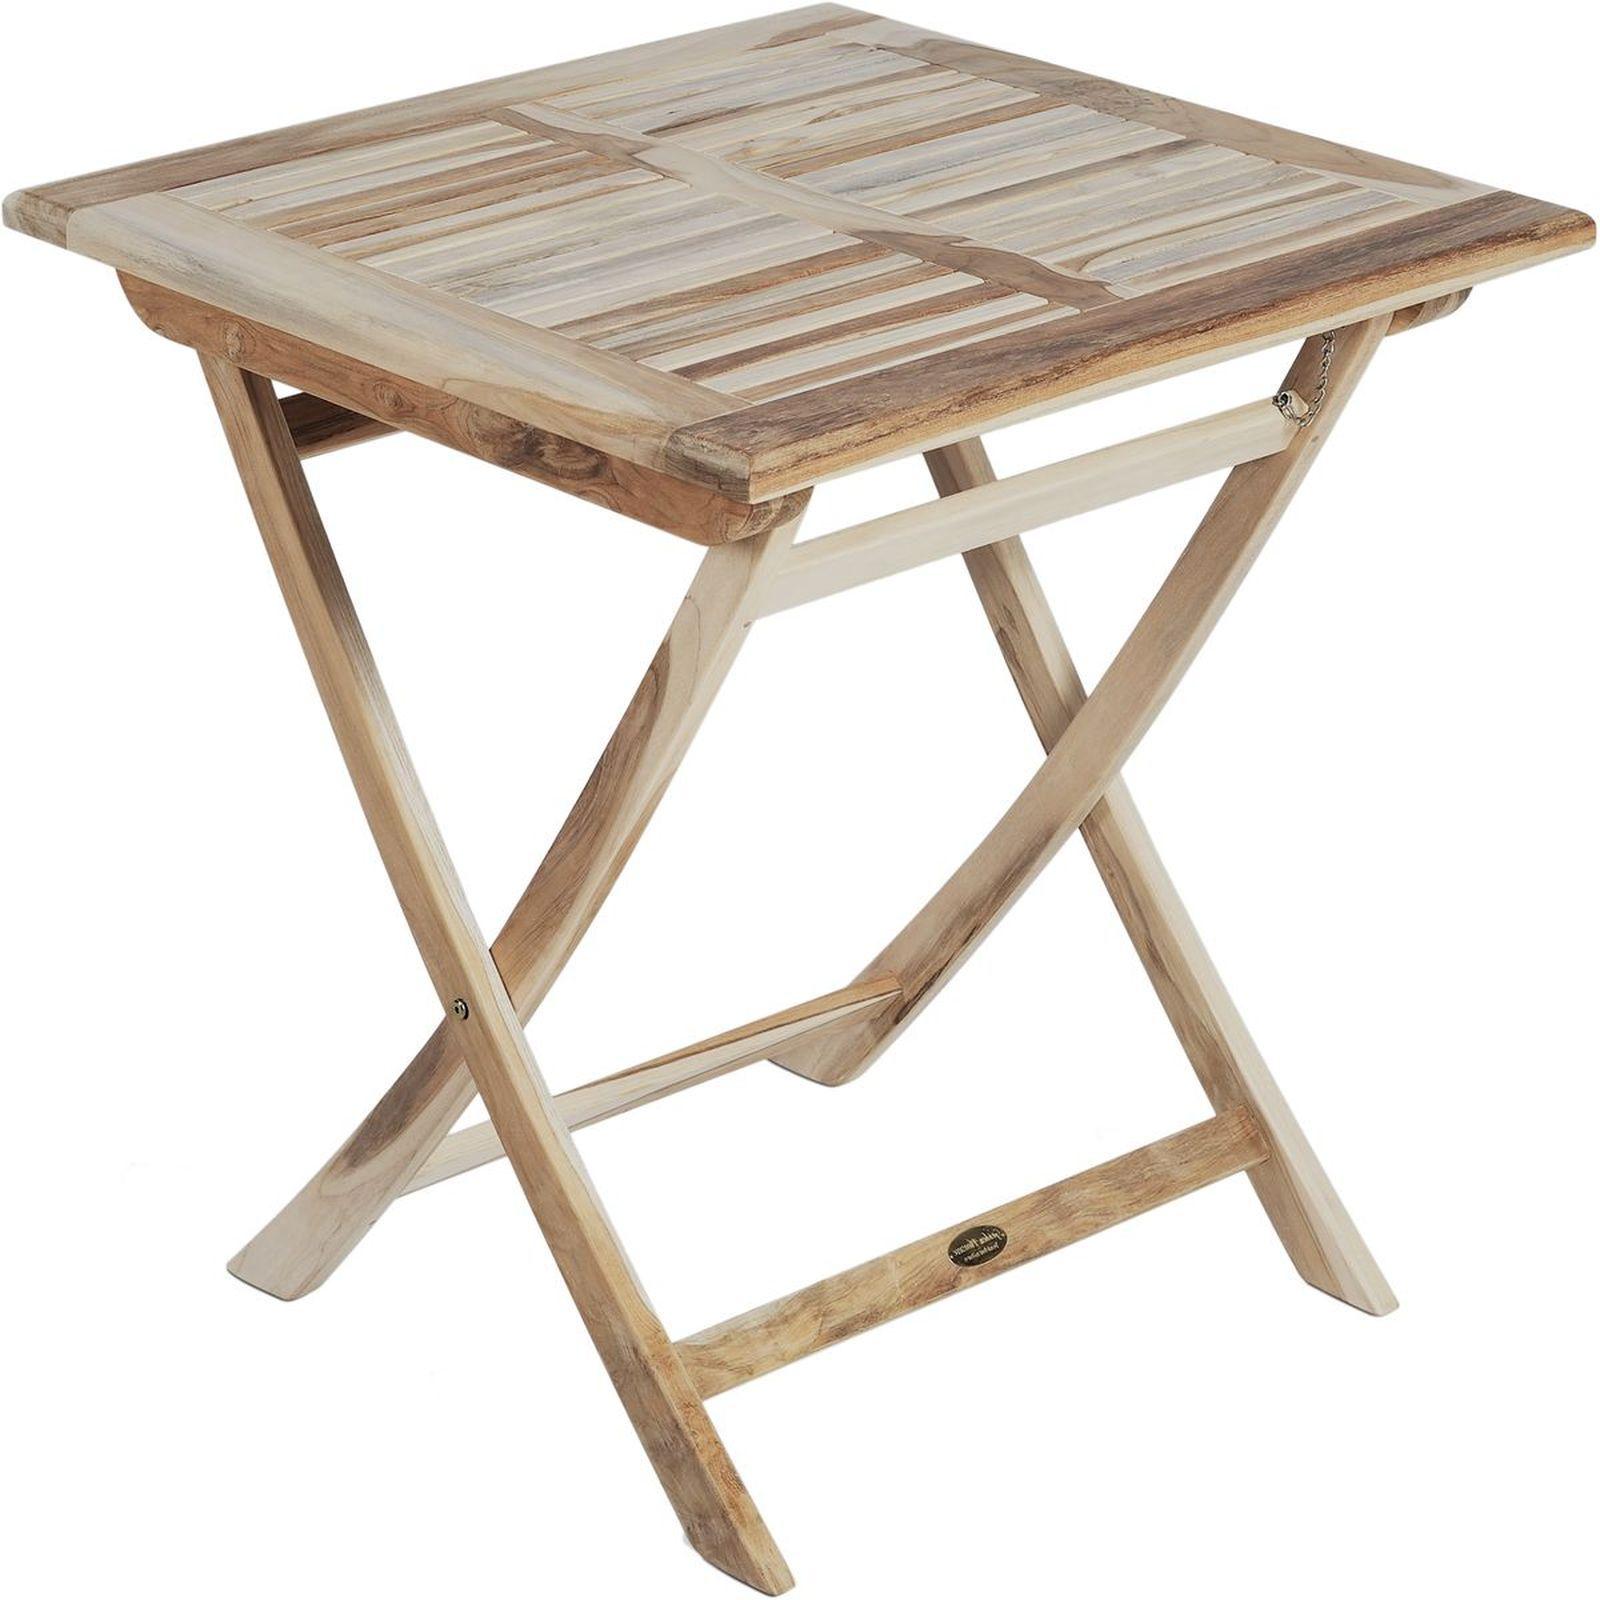 Full Size of Gartentisch Klappbar Java Teak Massivholz 70x70 Cm Online Bett Ausklappbar Ausklappbares Wohnzimmer Gartentisch Klappbar